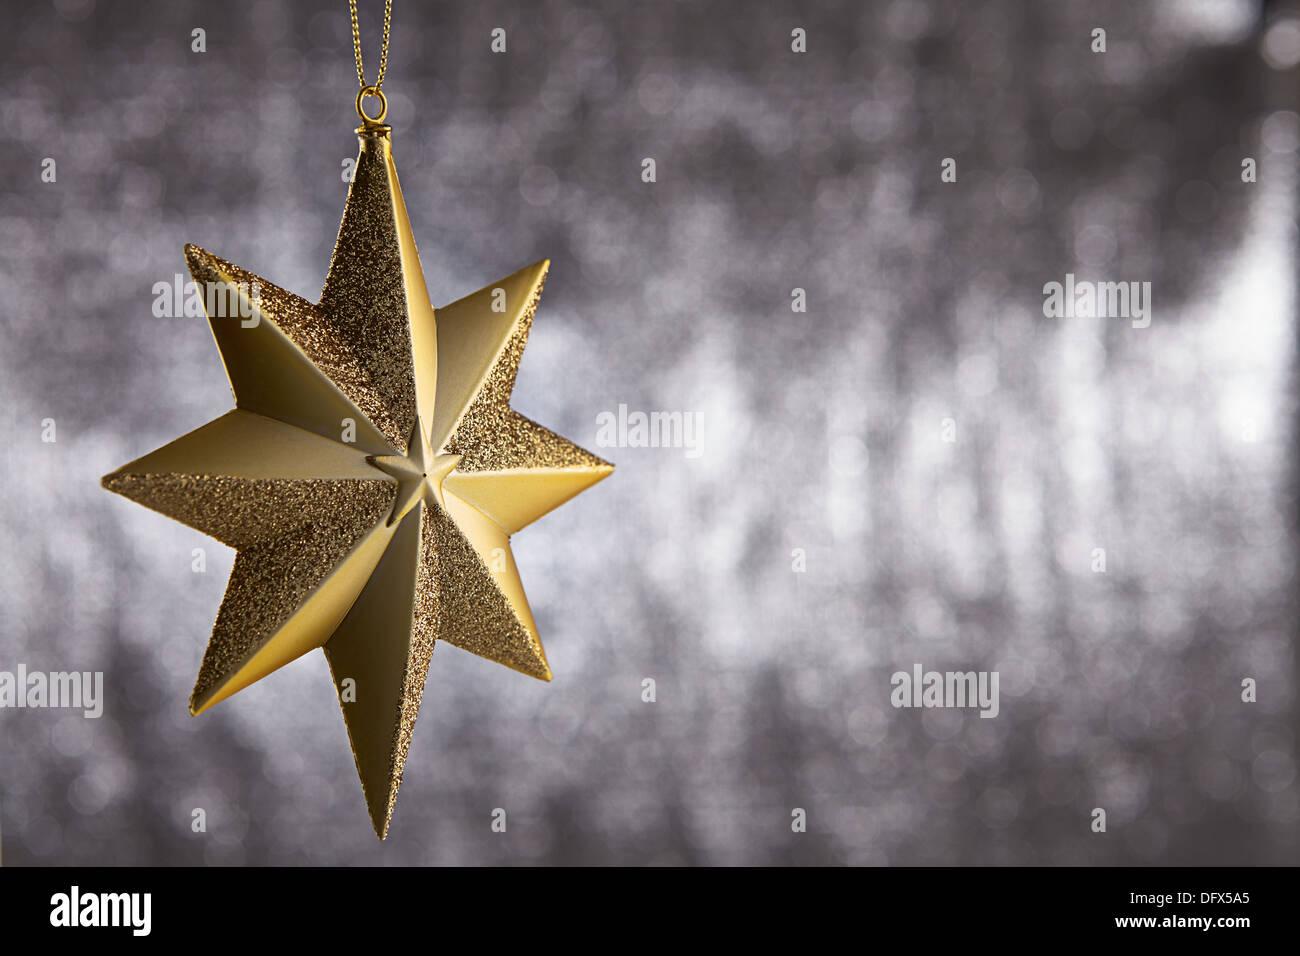 Single Weihnachten.Single Weihnachten Dekoration Sterne Hängen Hintergrund Silber